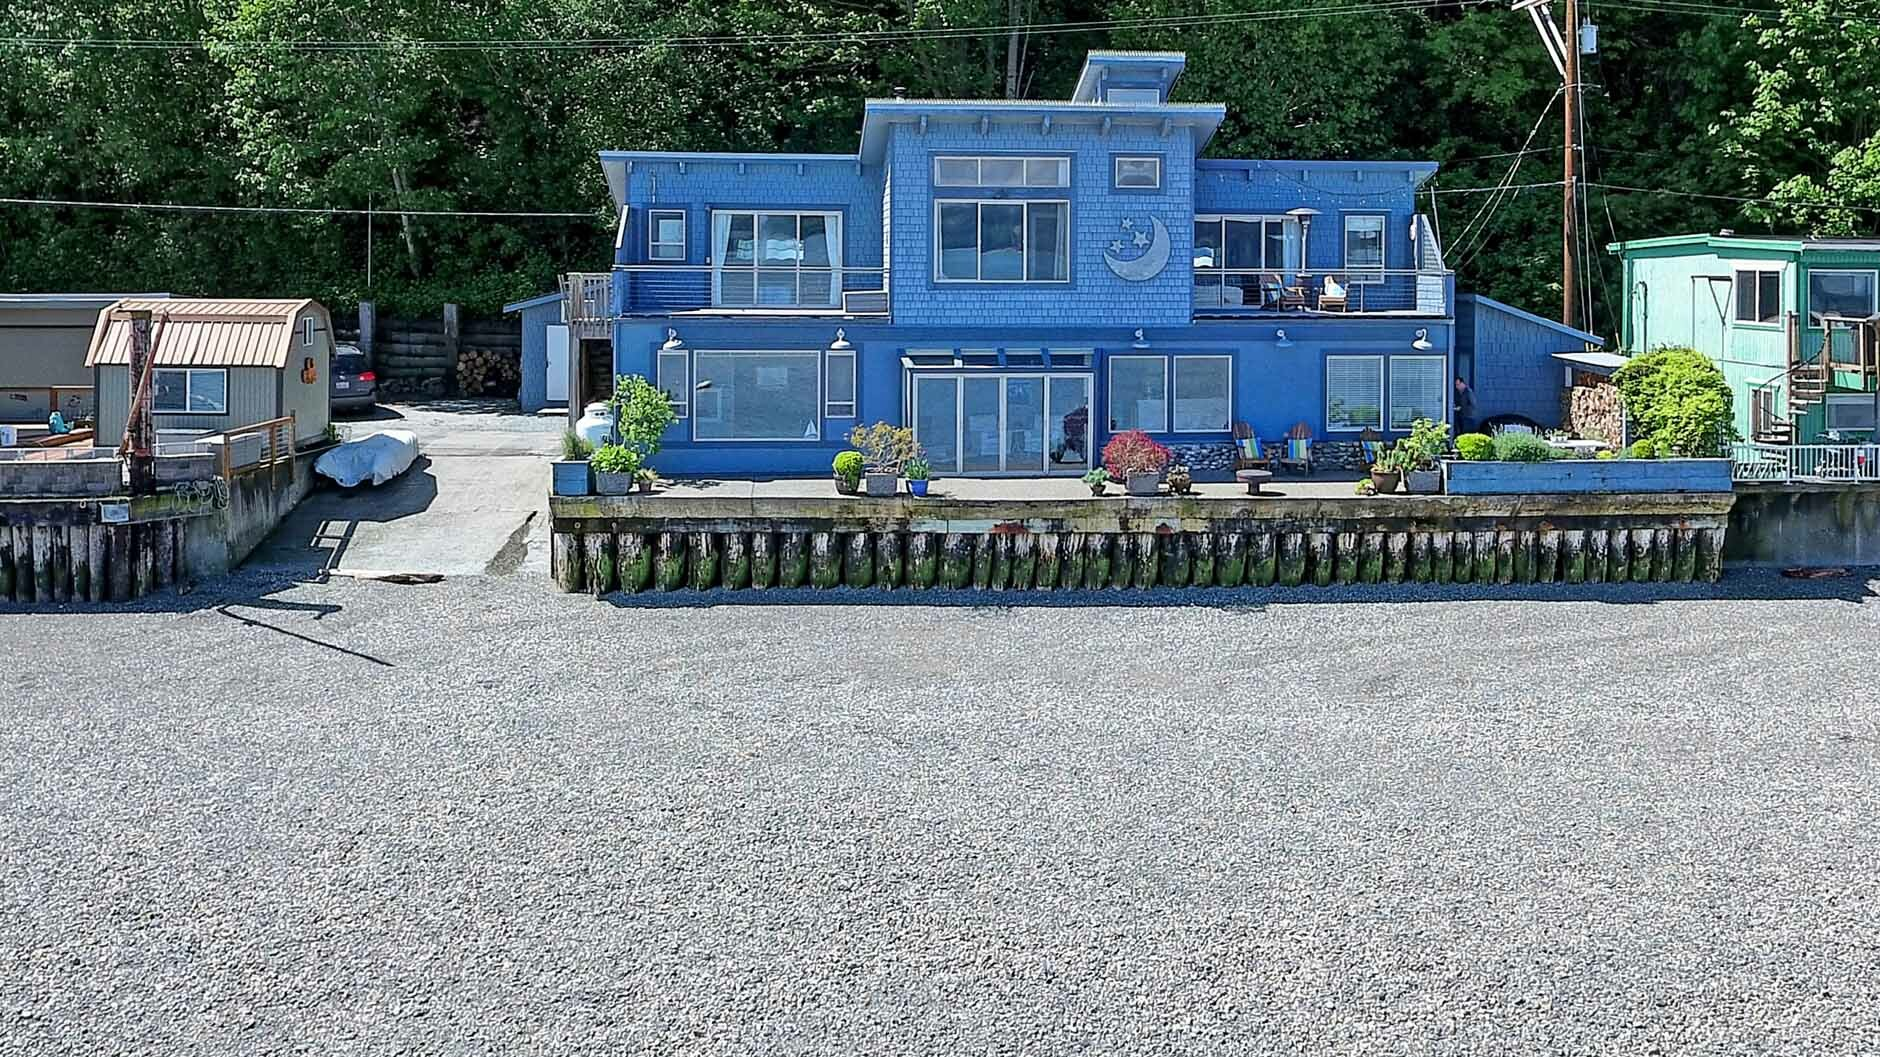 3267 Shoreline Dr, Camano Island, WA - USA (photo 1)